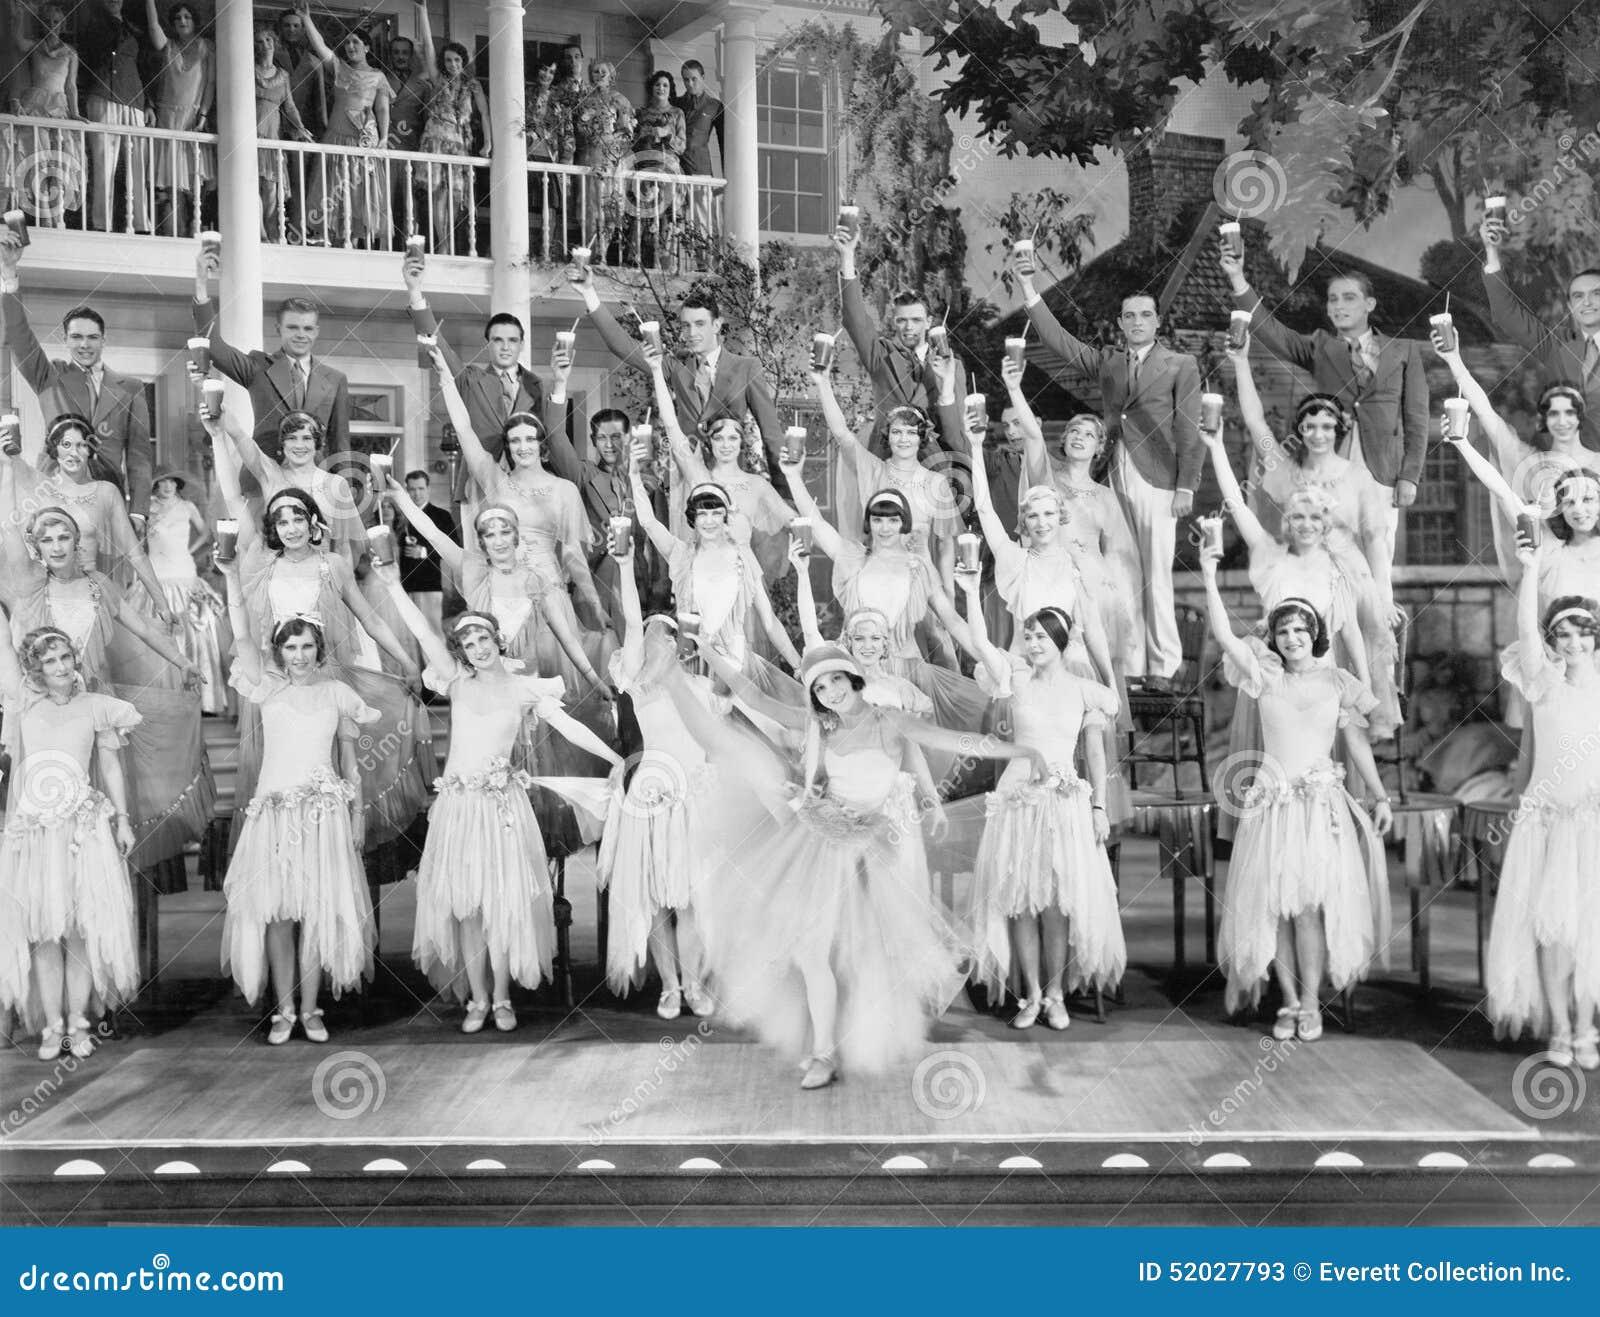 Grupo de dançarinos que estão em uma fase com seus braços no ar e uma bebida em suas mãos (todas as pessoas descritas não são um